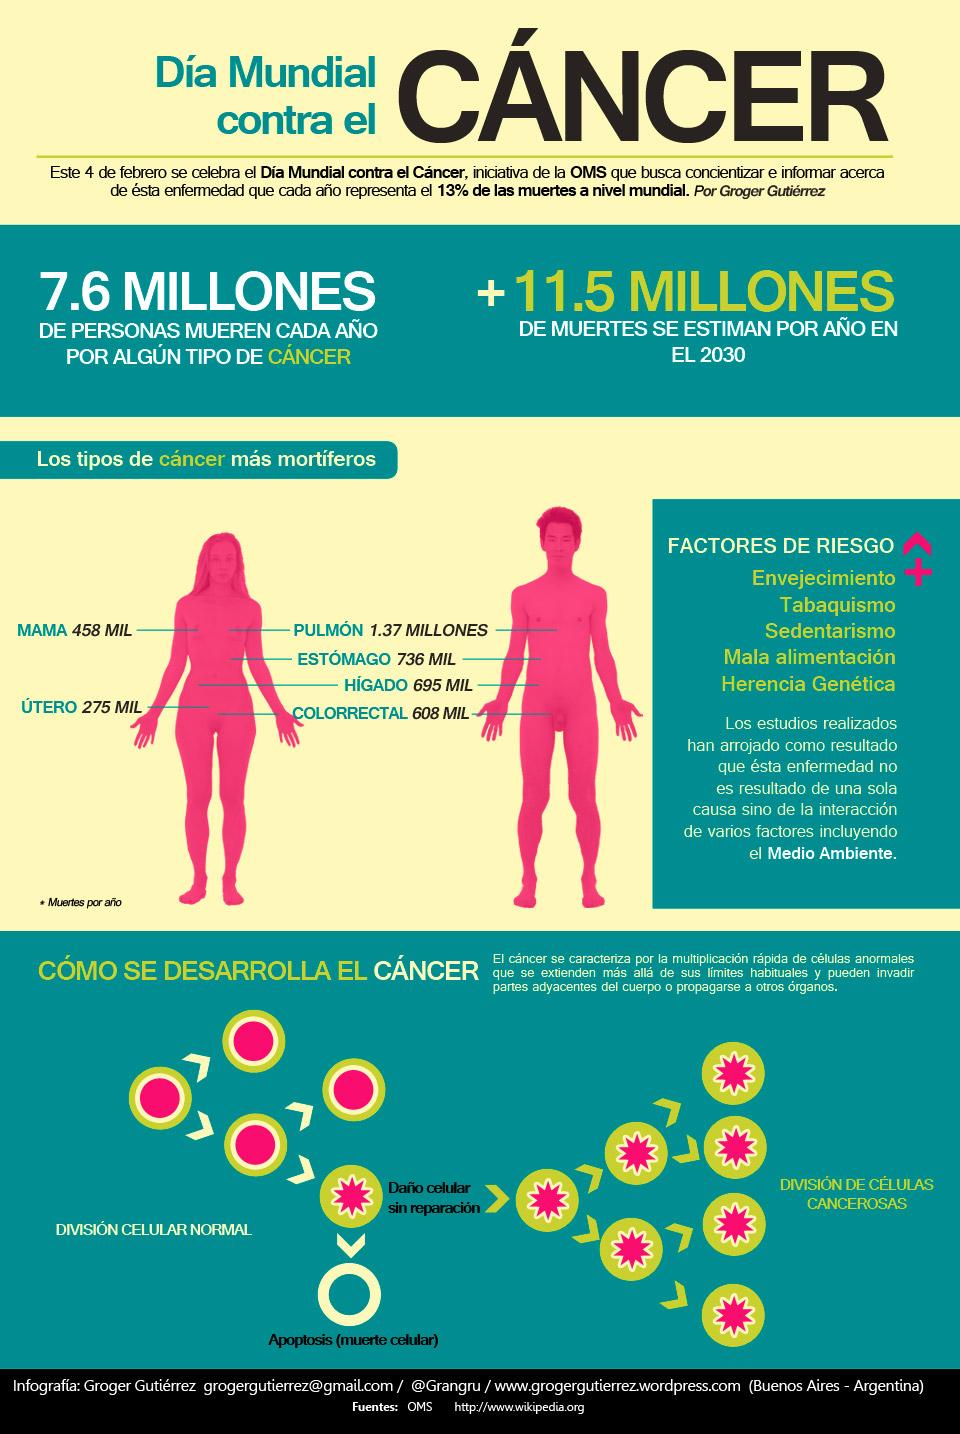 http://grogergutierrez.files.wordpress.com/2012/02/infografia_cancer1.jpg